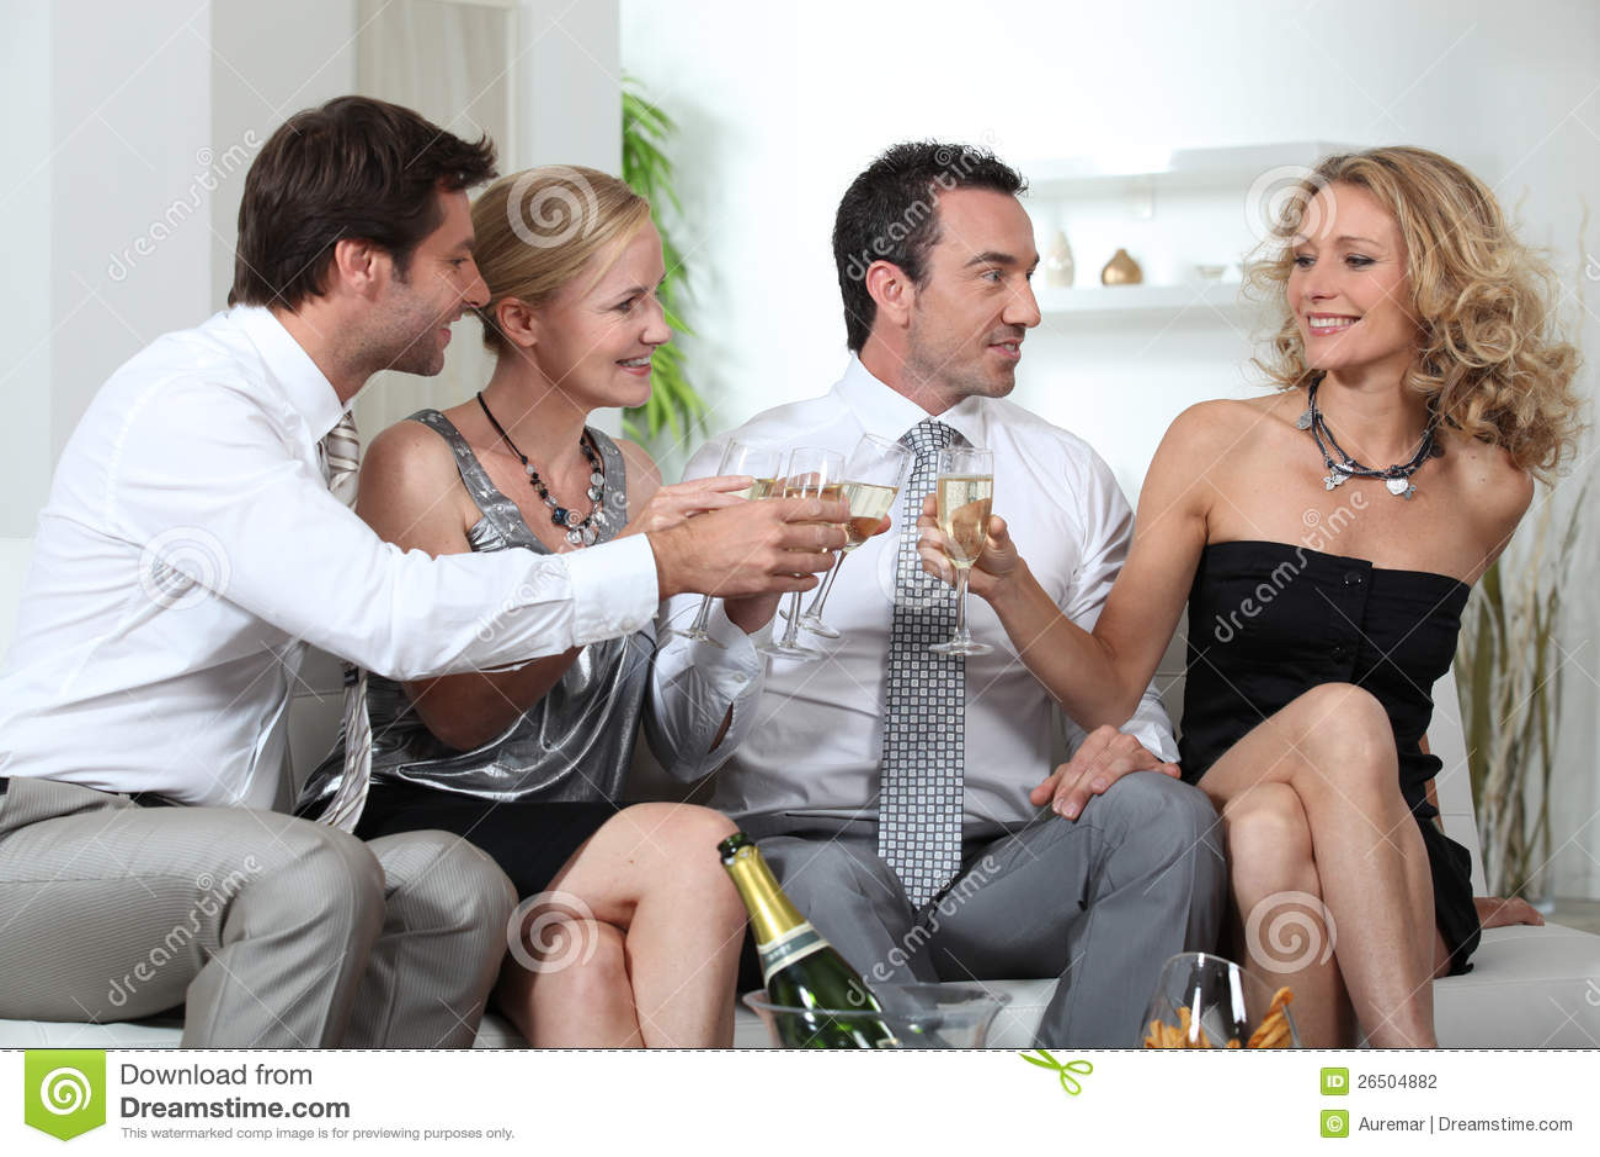 Смотреть фото семейных пар 10 фотография